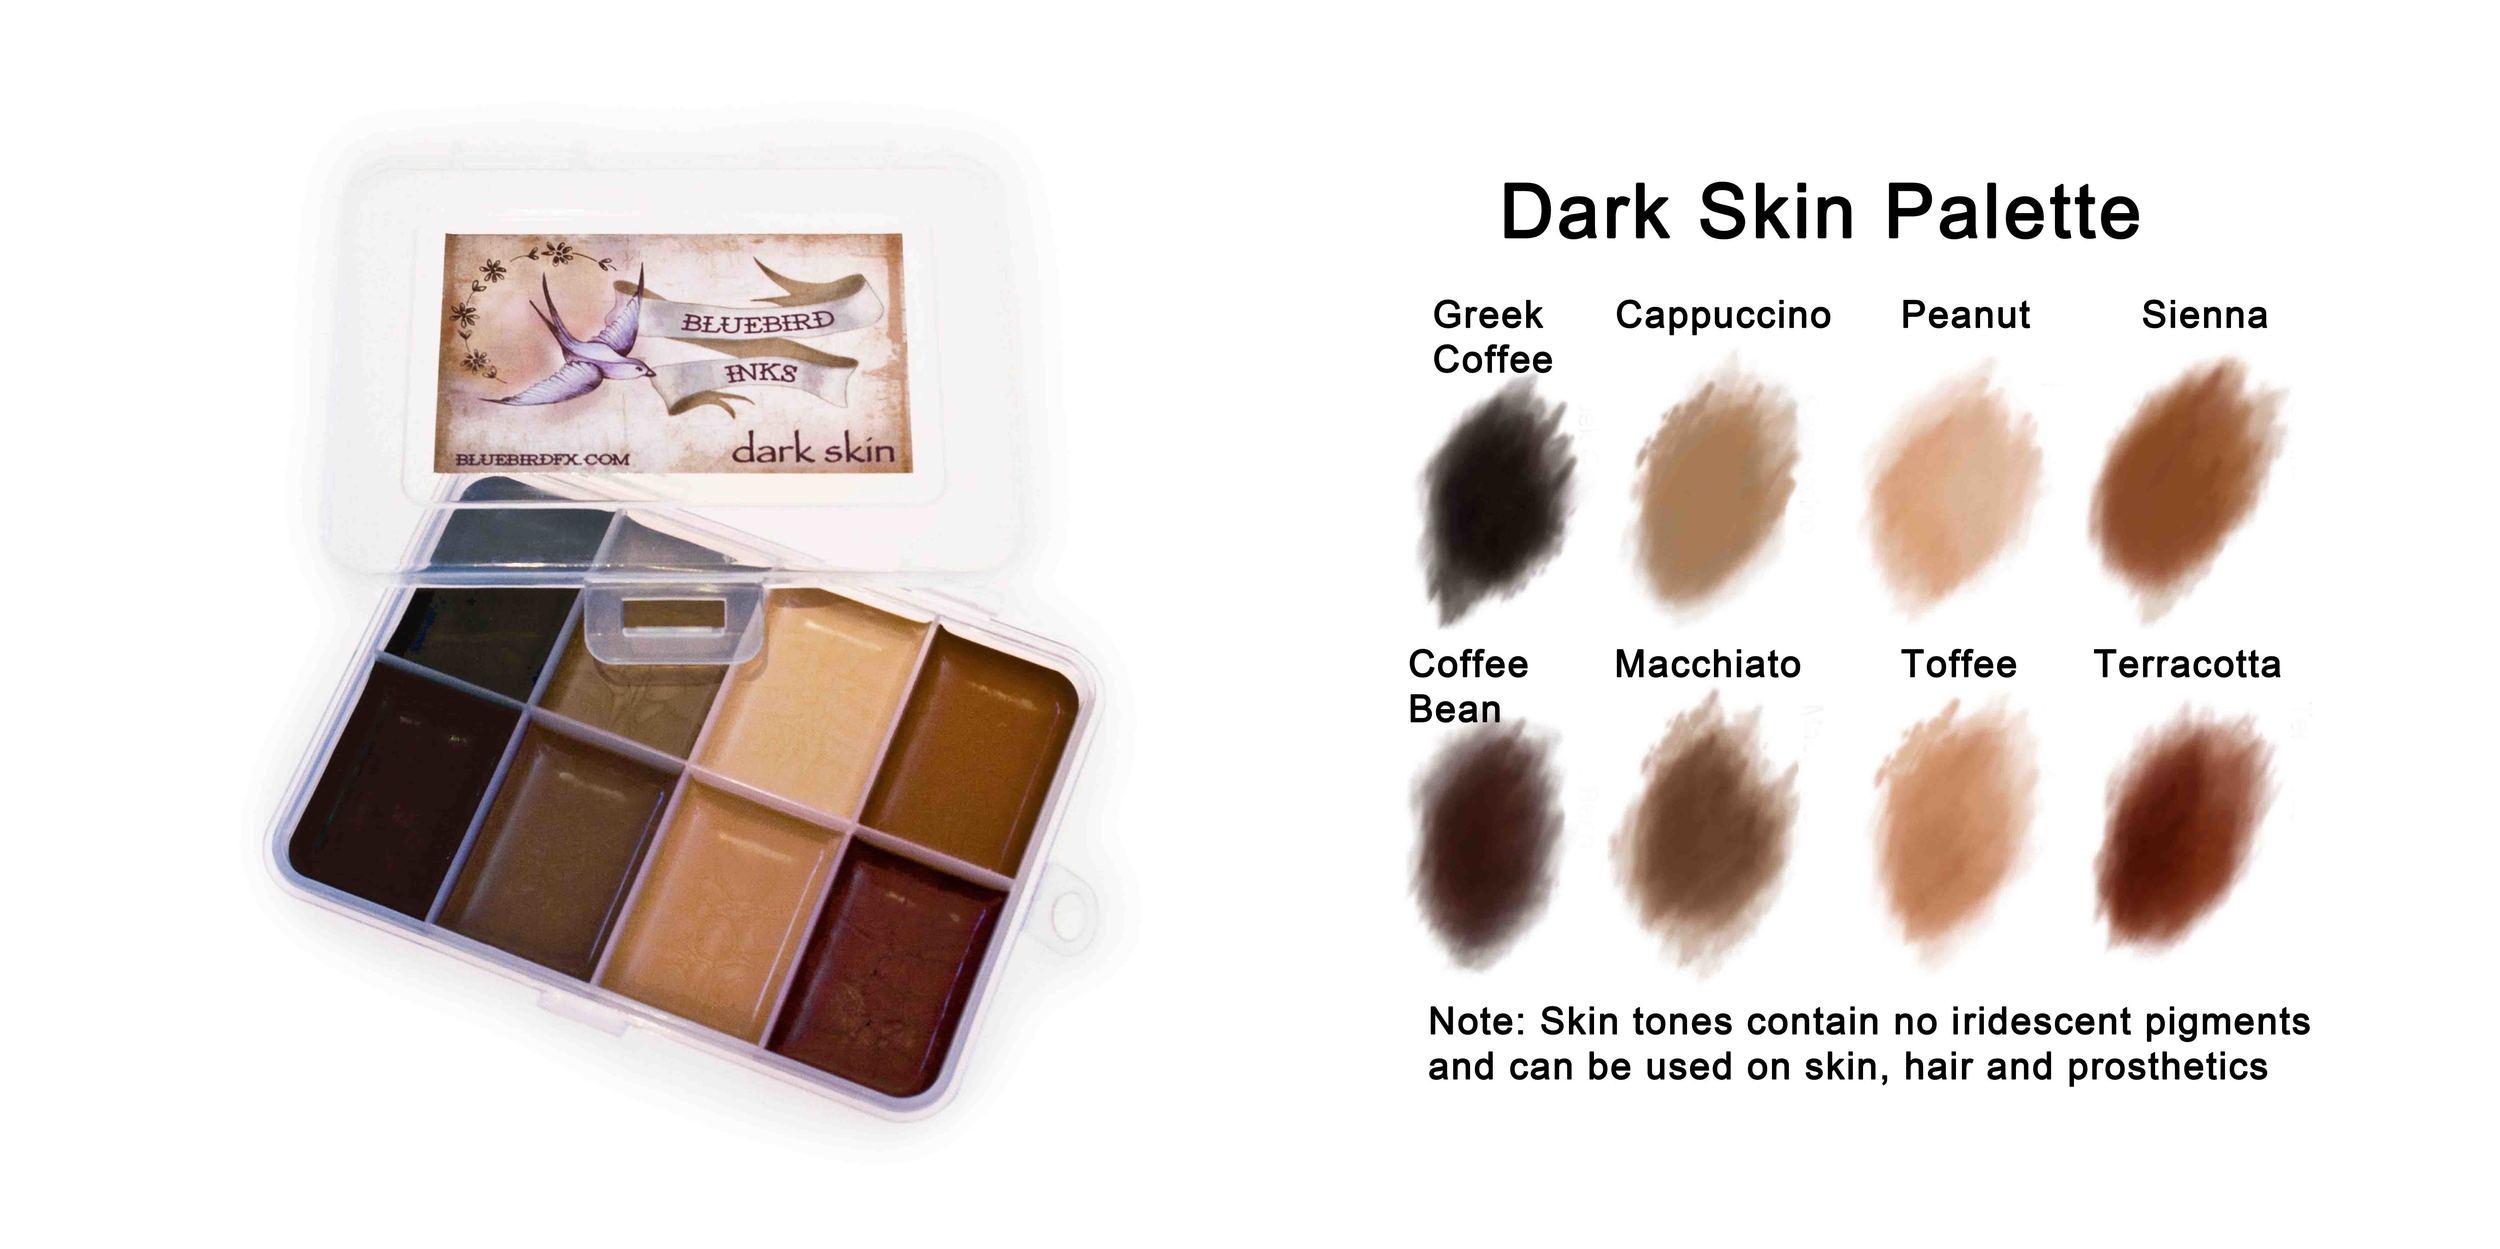 Dark Skin Palette